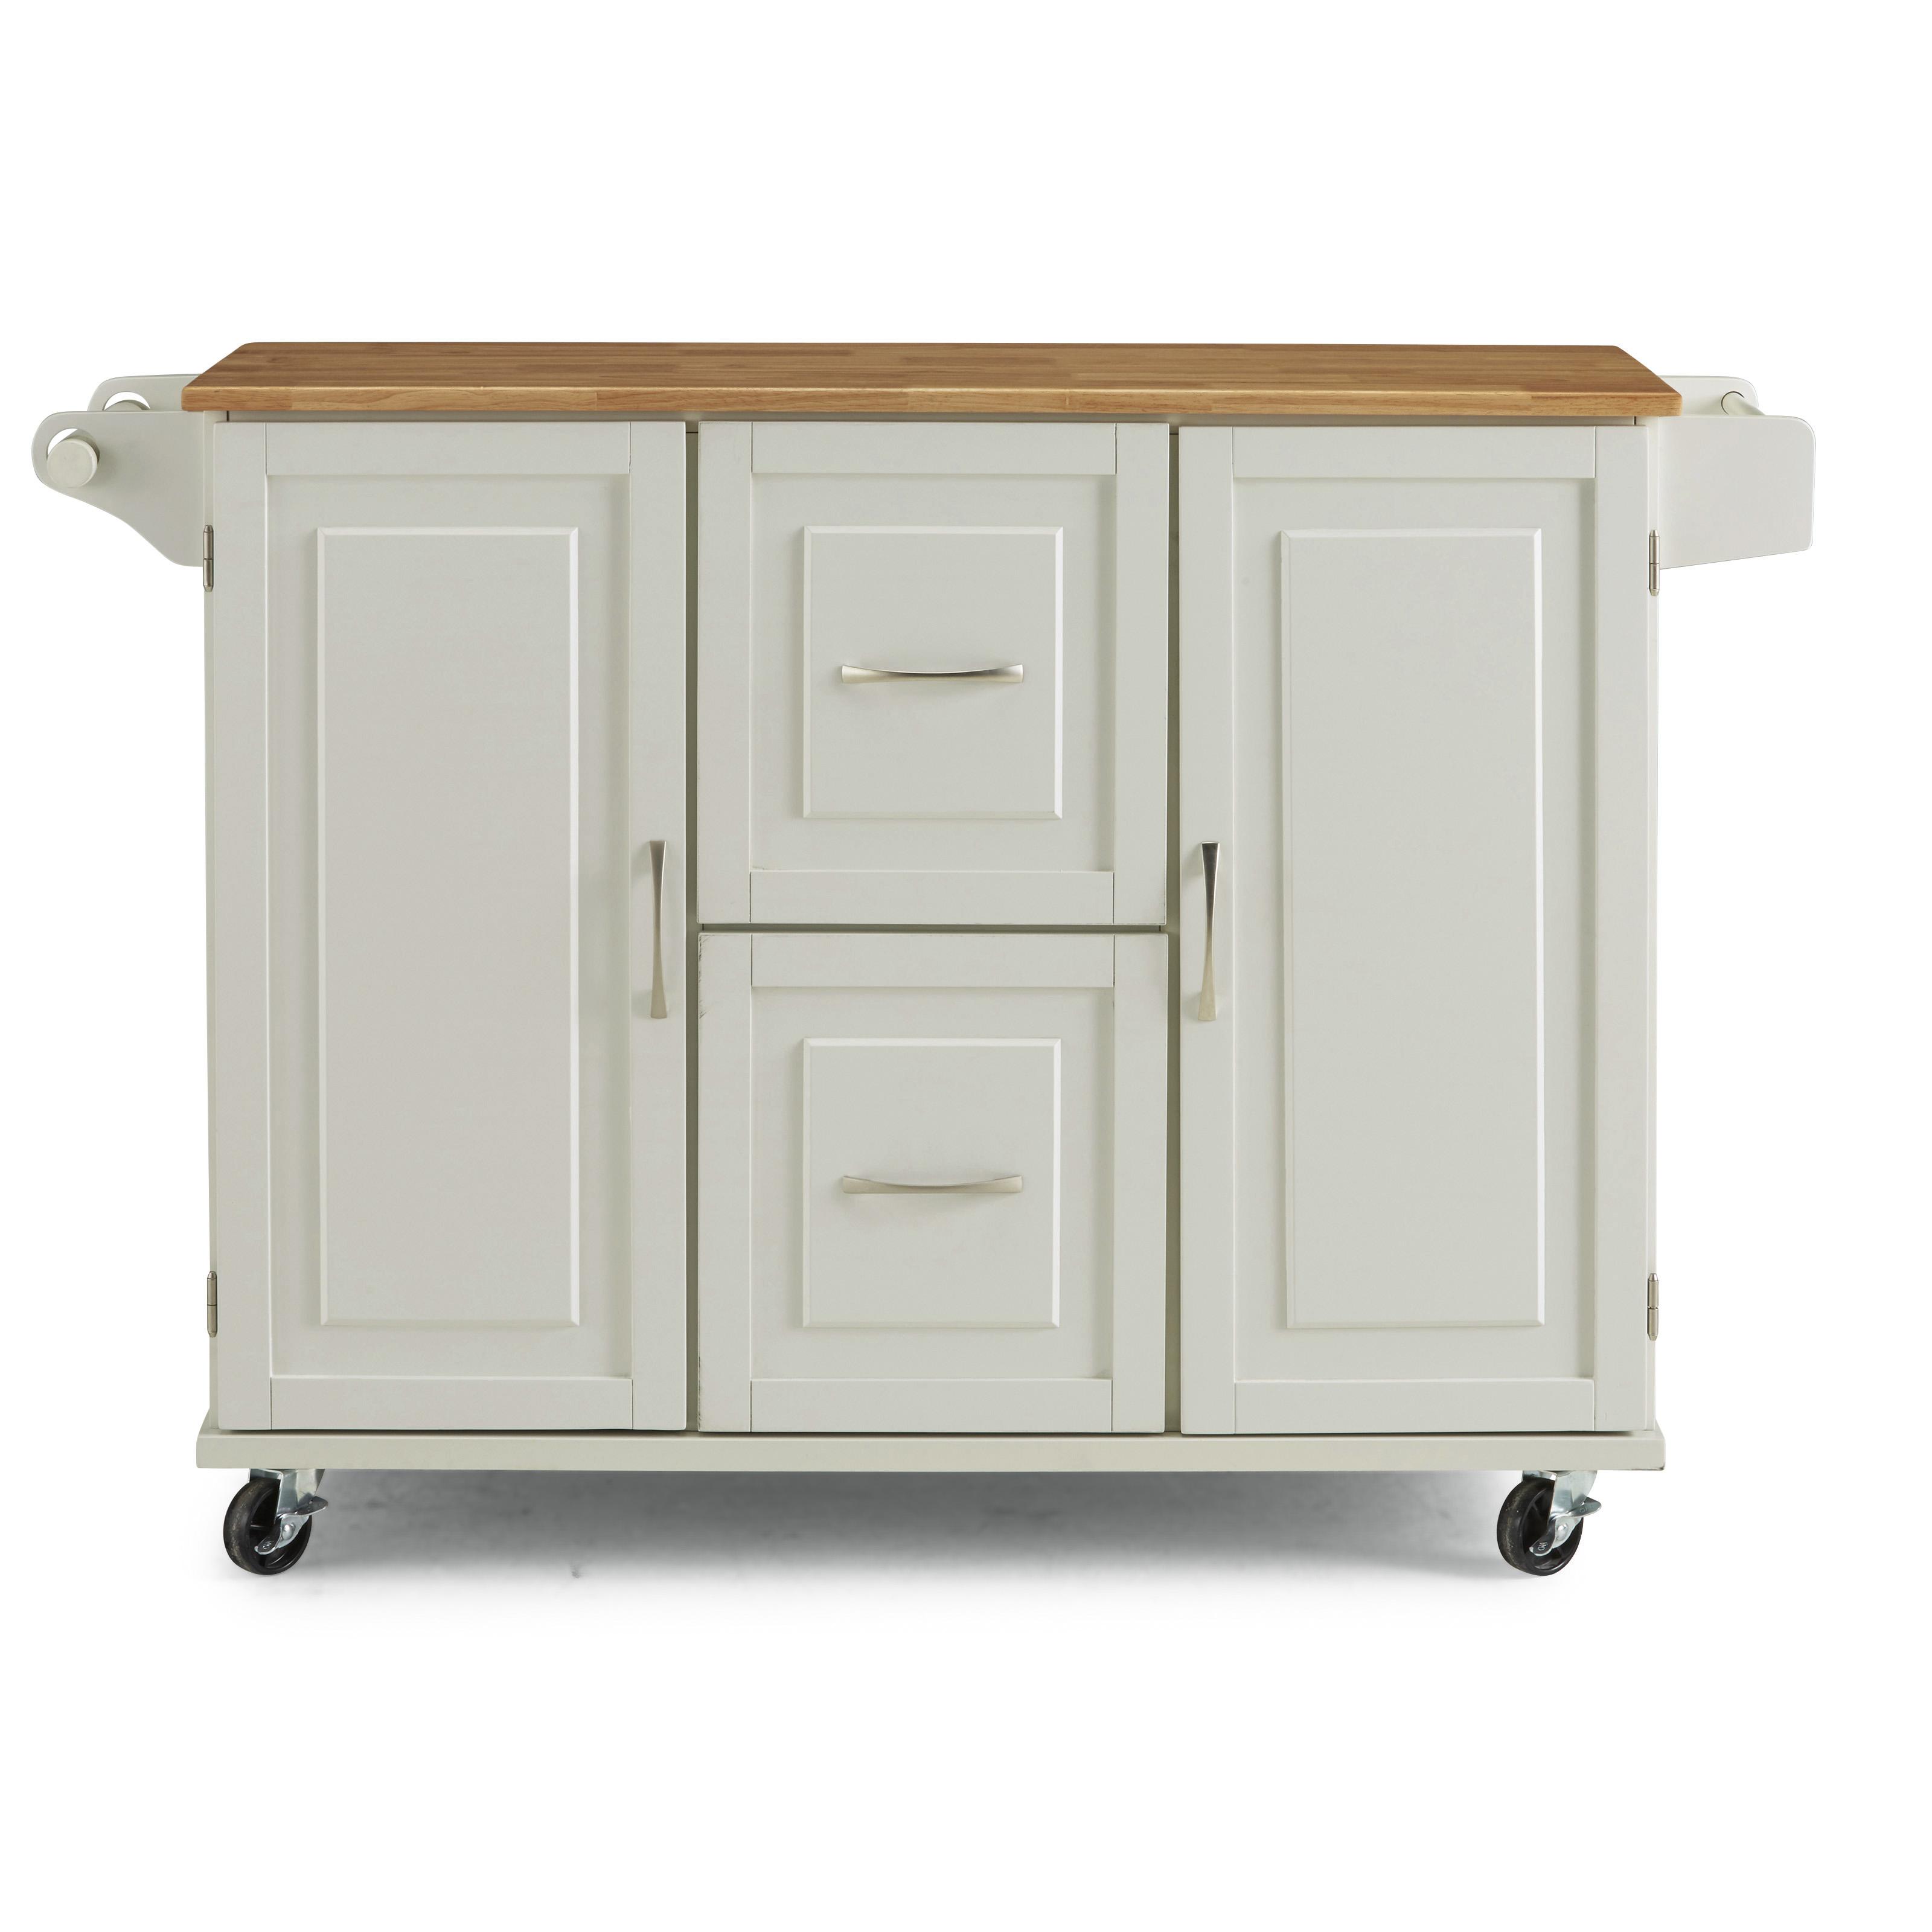 Blanche Kitchen Cart by homestyles at Sam Levitz Furniture